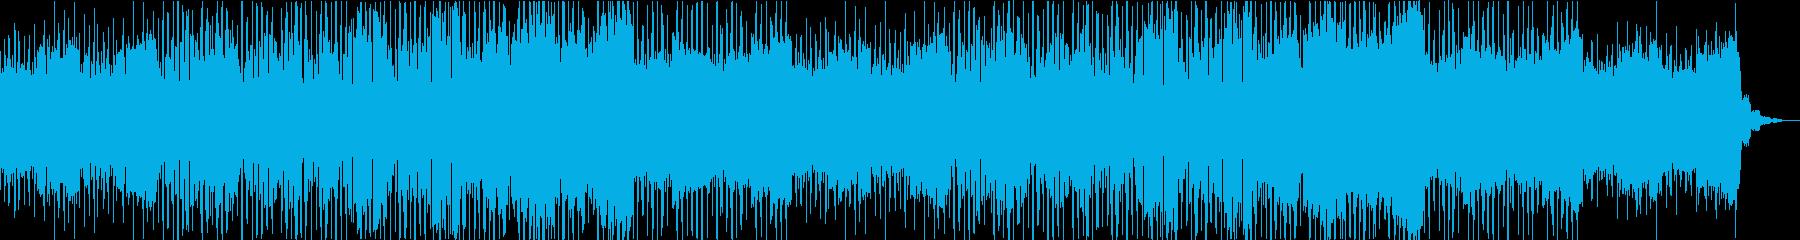 午後の日常/vlog/カフェ/ギターの再生済みの波形